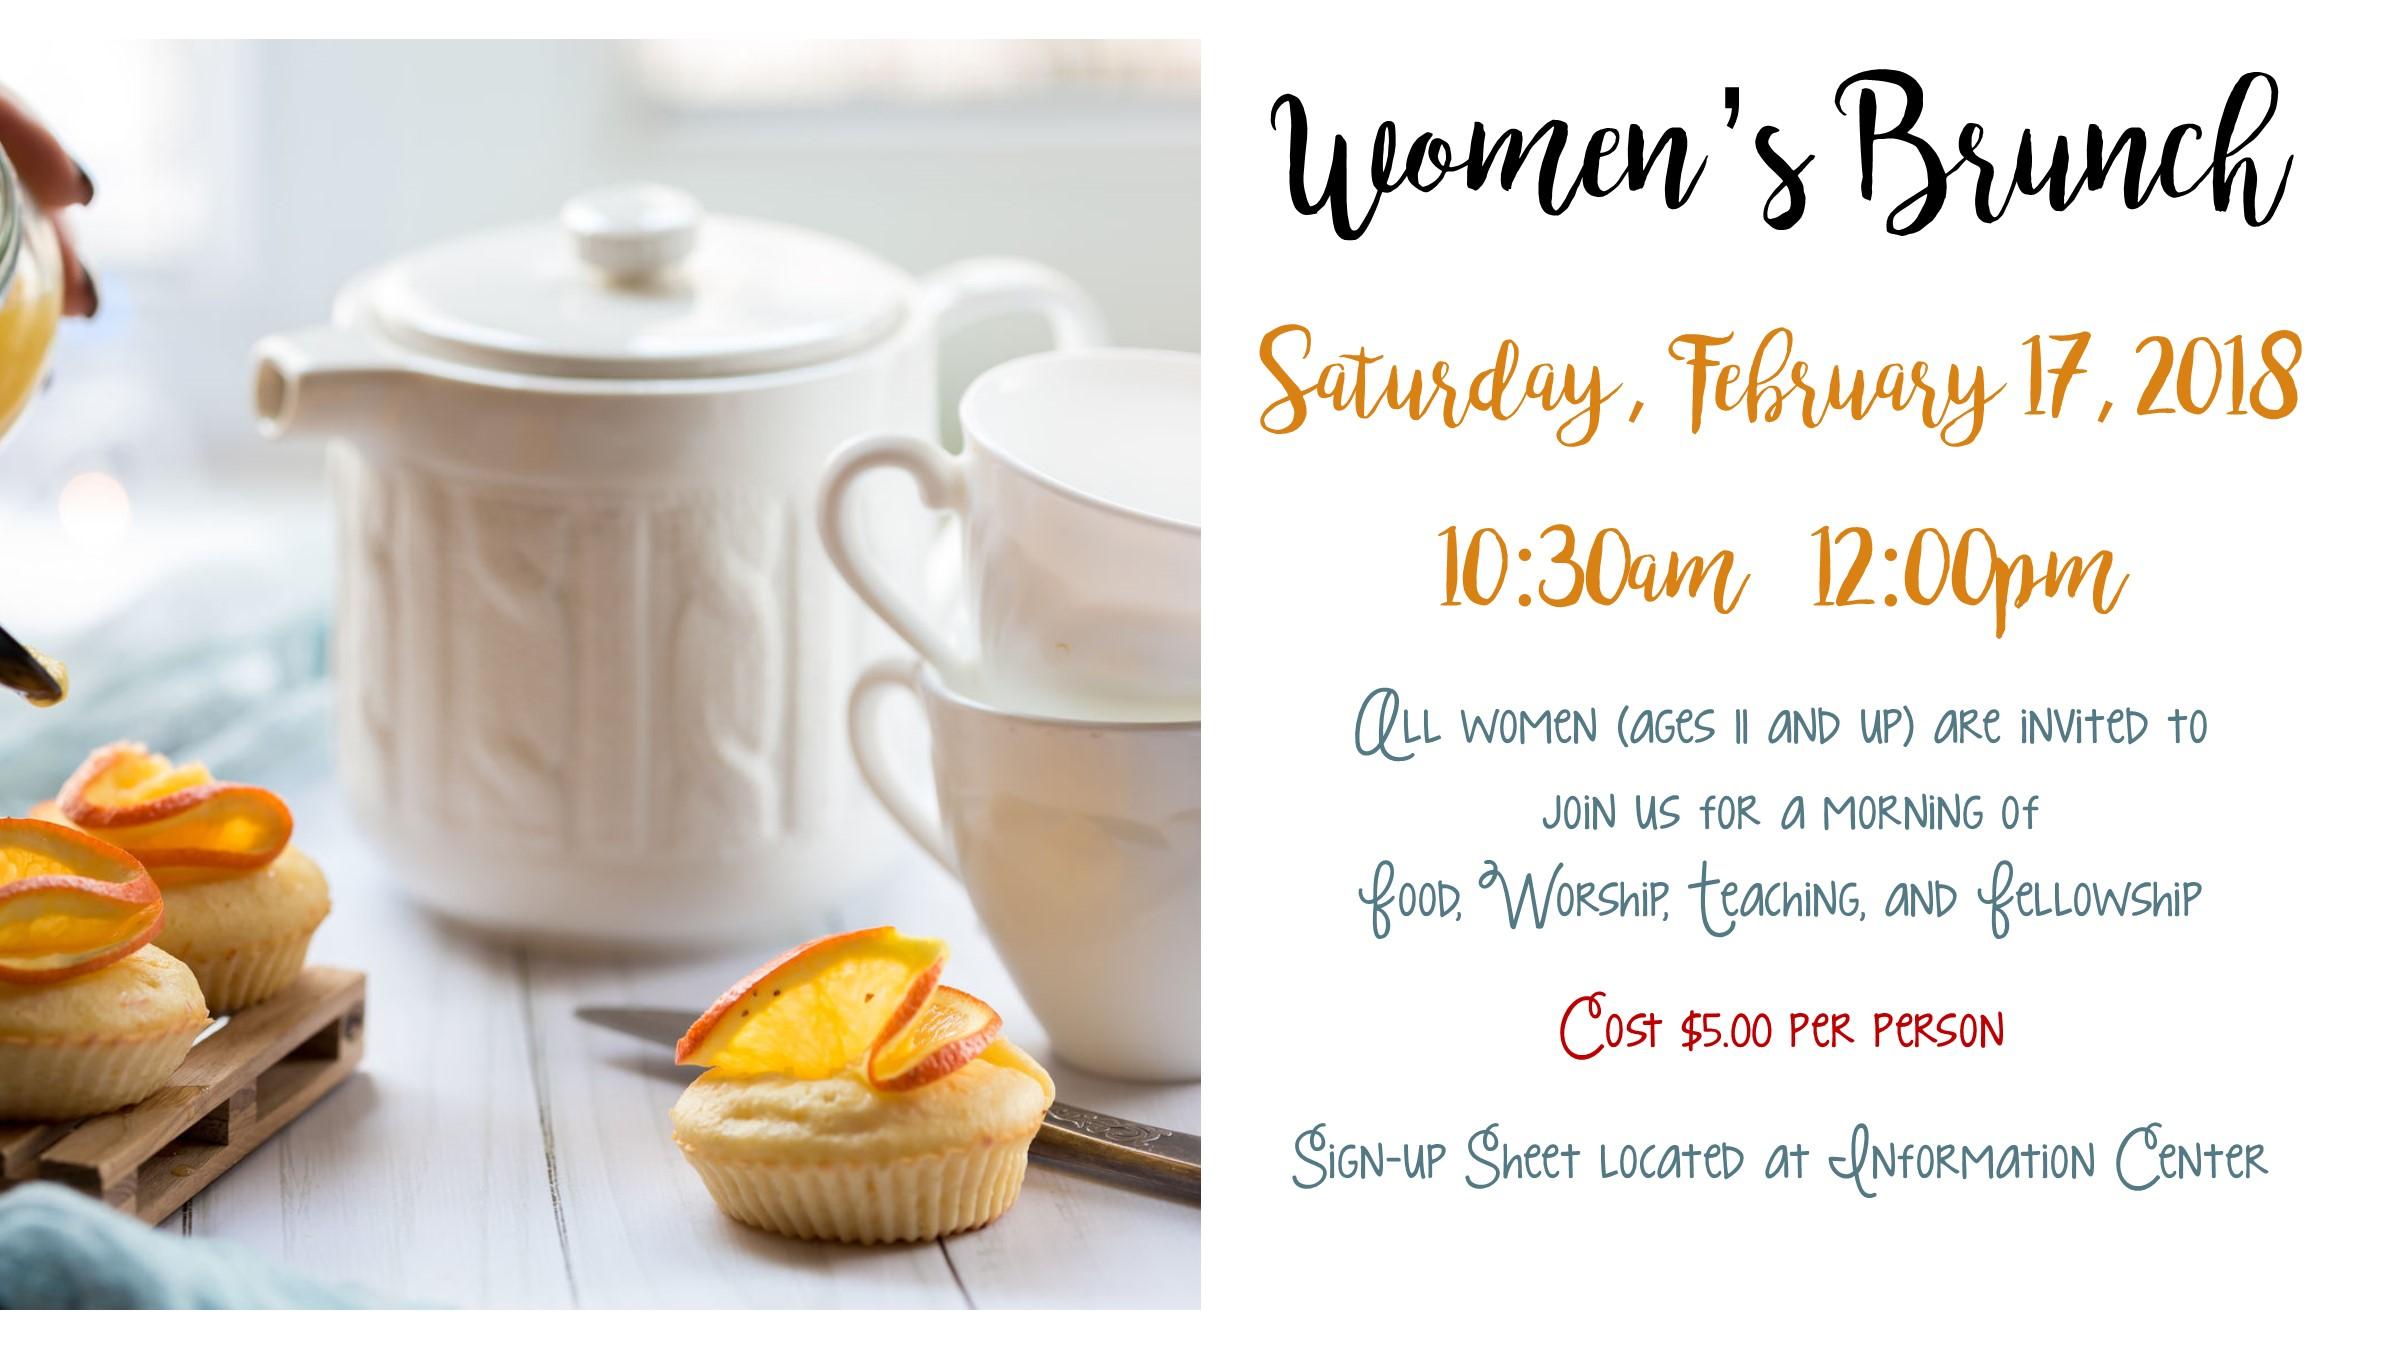 Women's Breakfast FEB 2018 EW-WEB.jpg